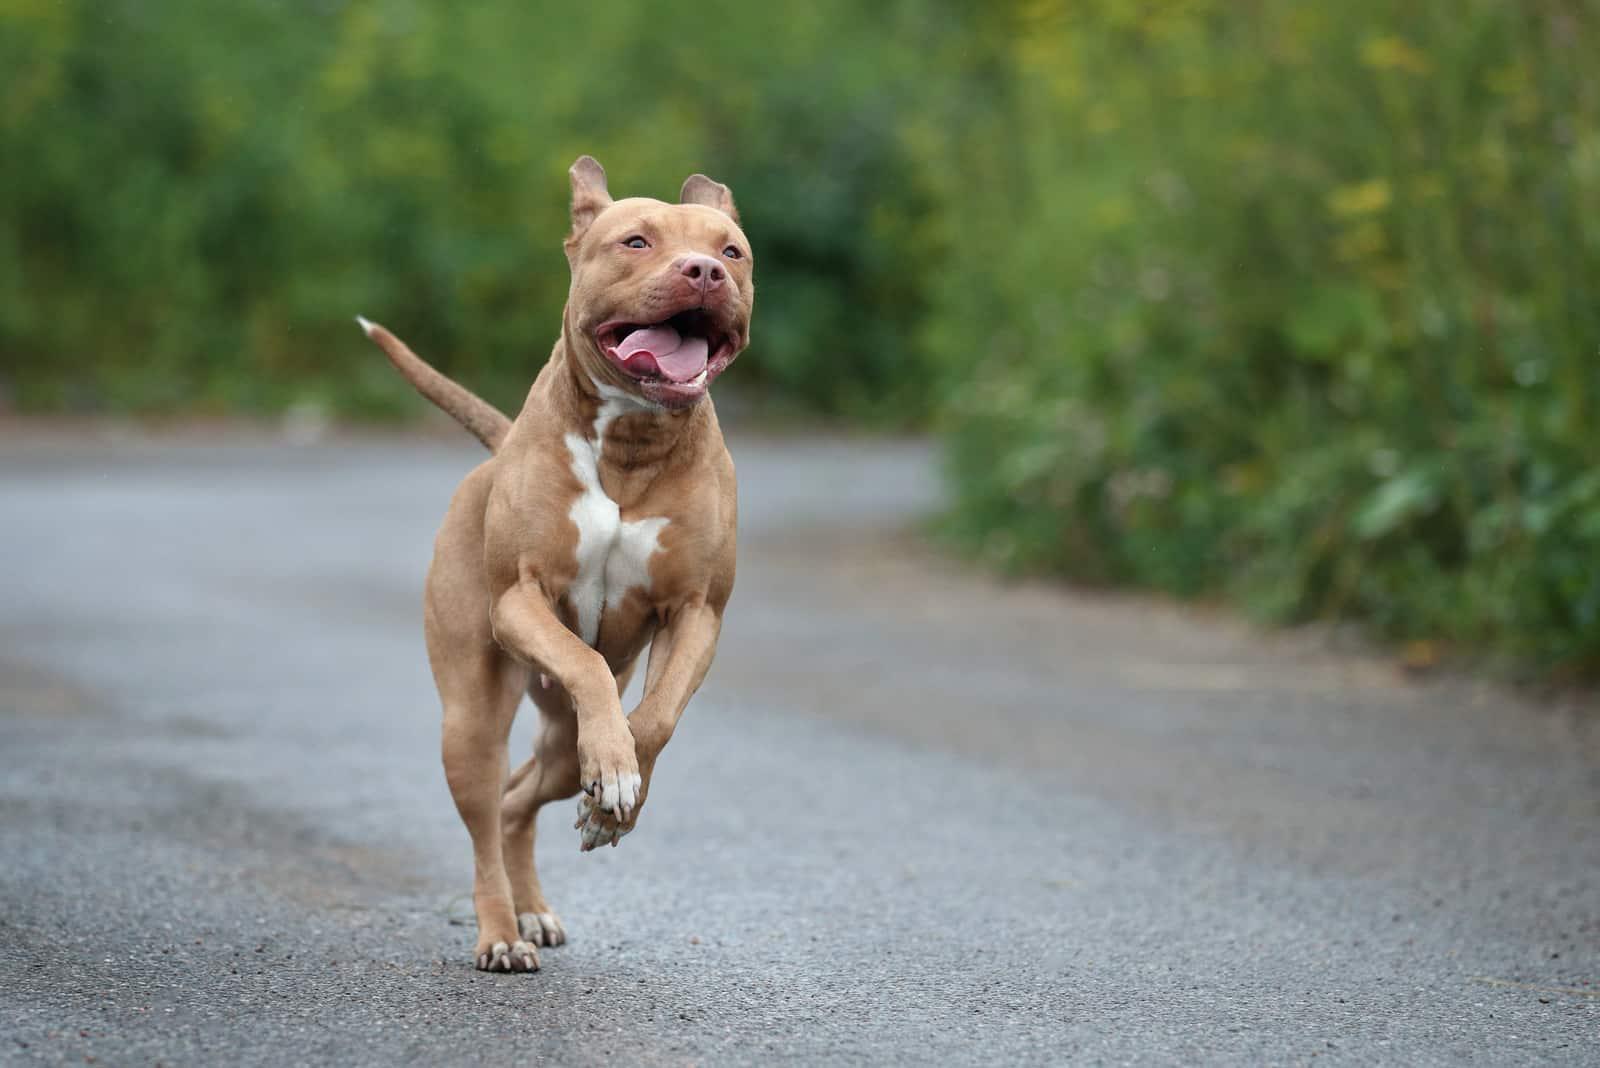 pitbull running